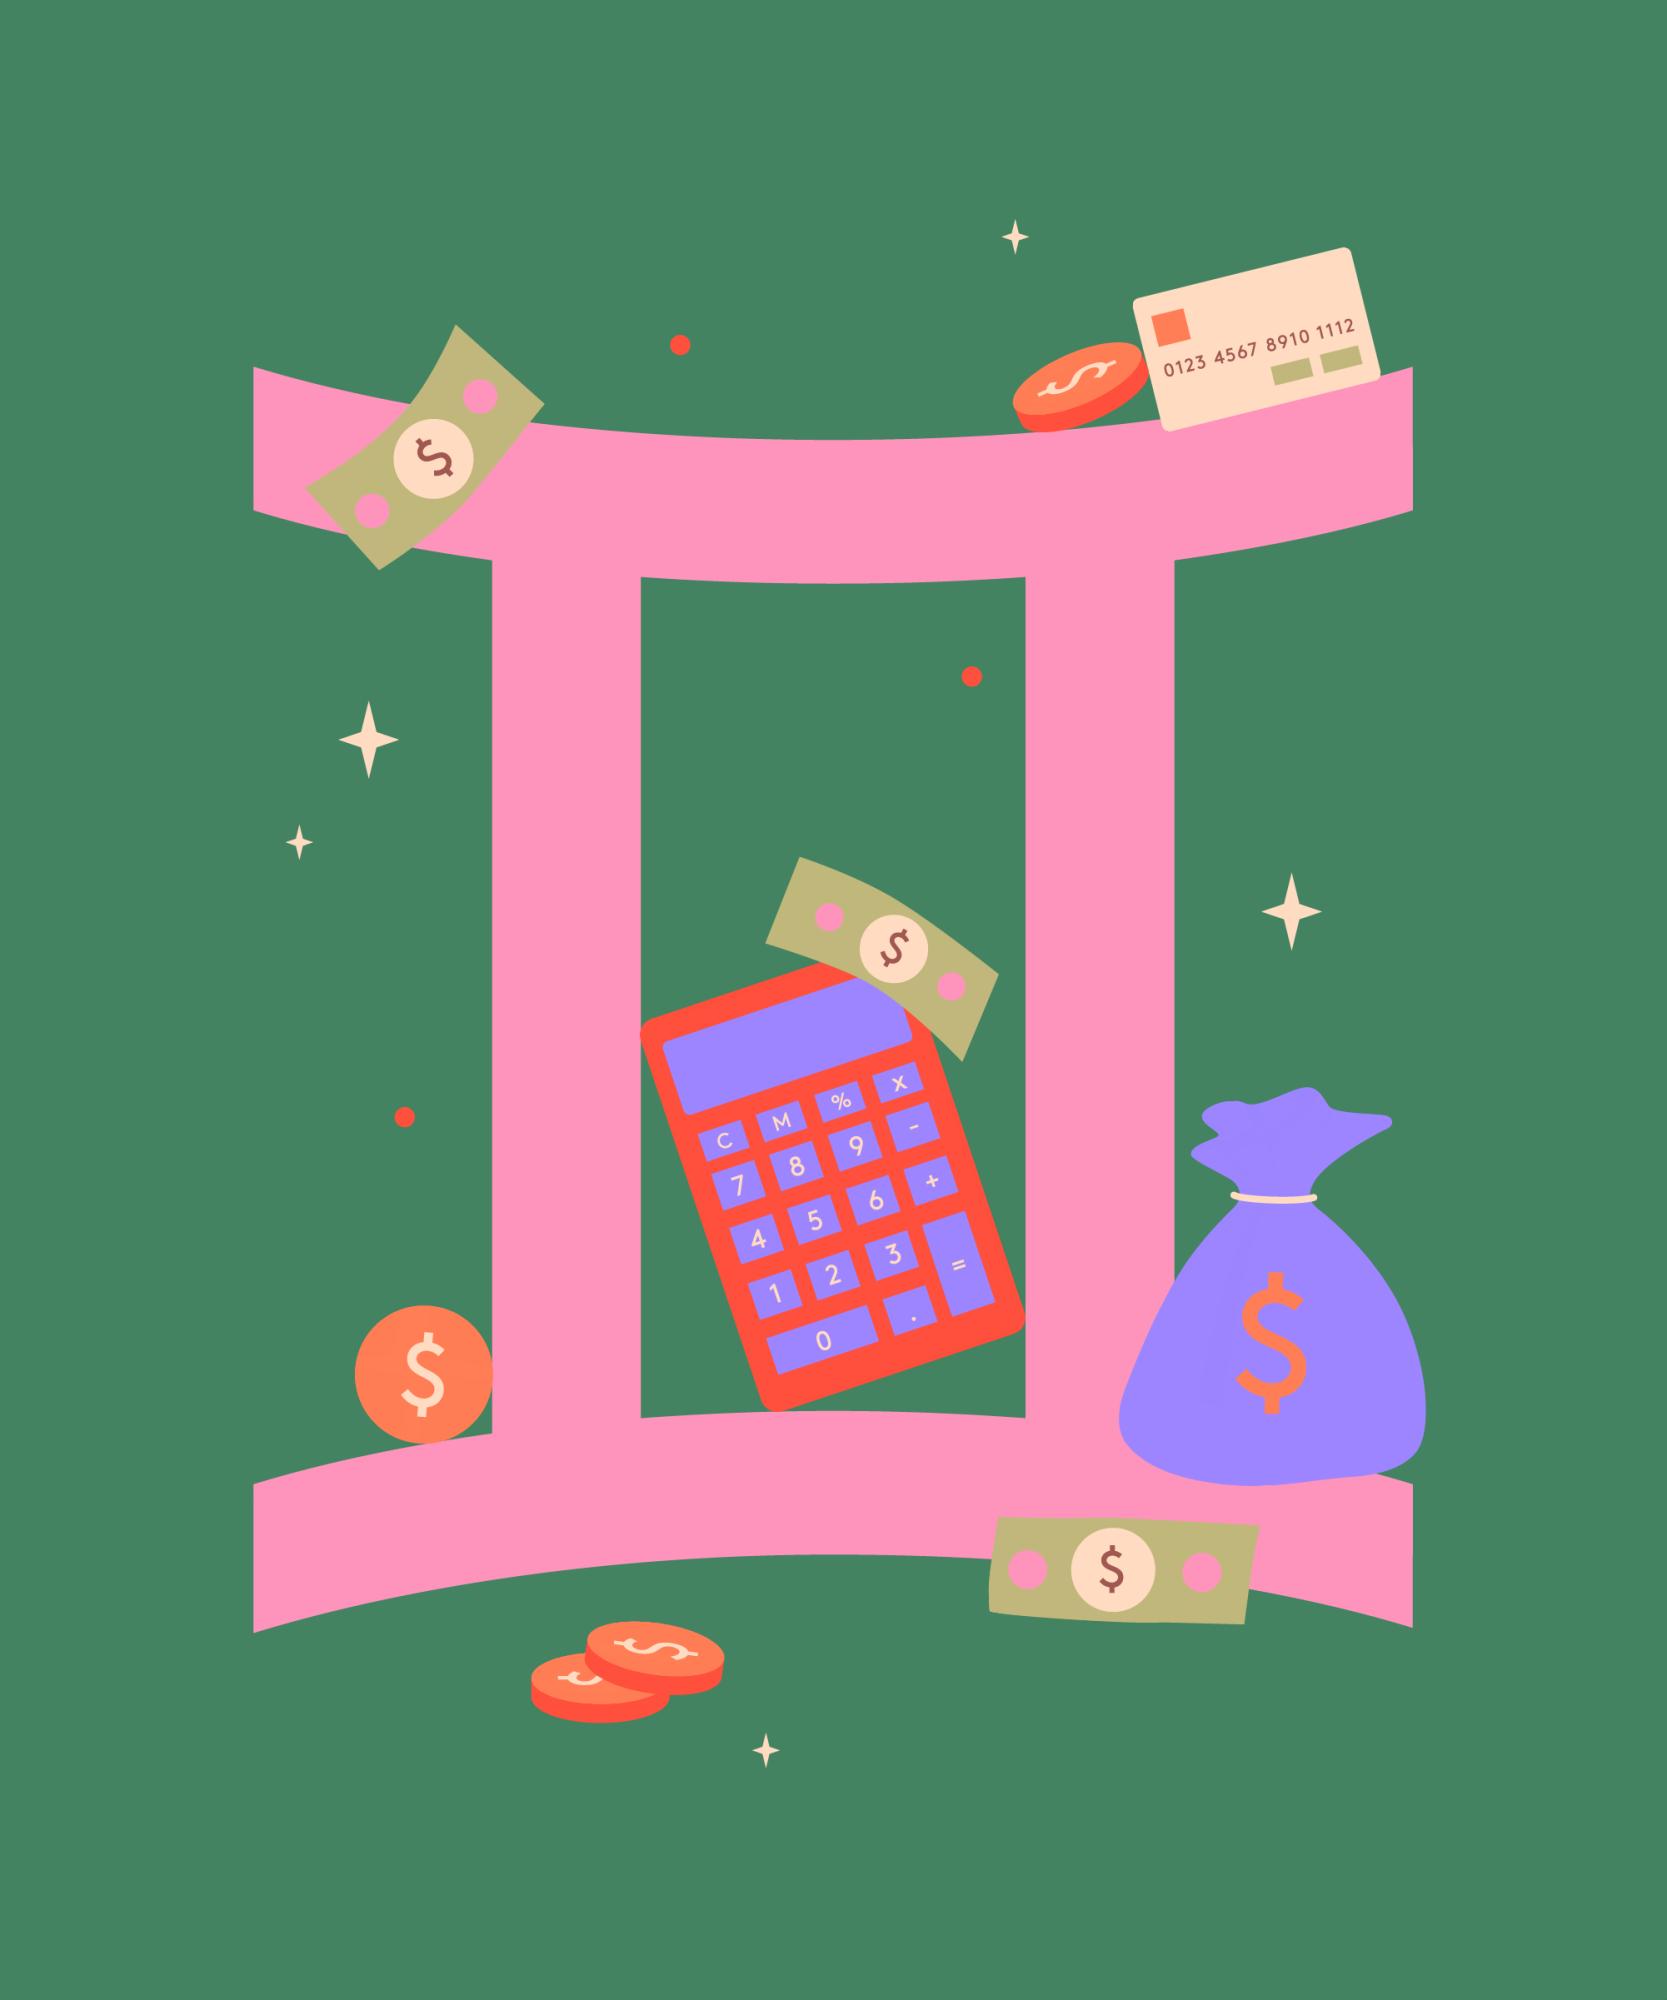 Tình hình tài chính năm 2019 Song Tử